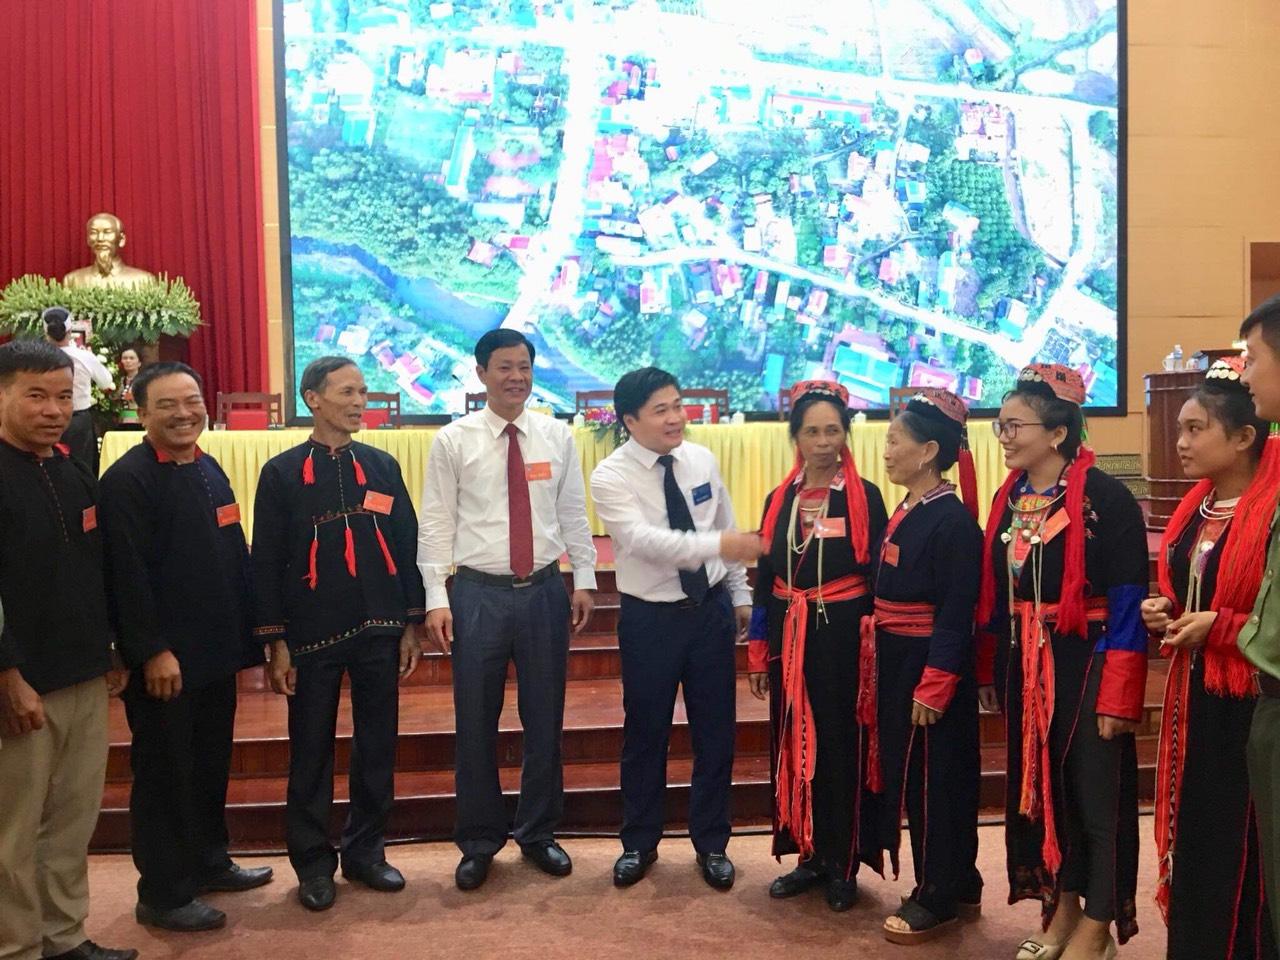 Ông Phạm Tuấn Đạt, Phó Chủ tịch UBND TP Uông Bí (đứng thứ 4 từ trái qua phải) và Ông Lý Văn Thành- Phó trưởng ban Dân tộc tỉnh Quảng Ninh (đứng thứ 5 từ phải qua trái) gặp gỡ trò chuyện với đại diện đại biểu DTTS dự Đại hội